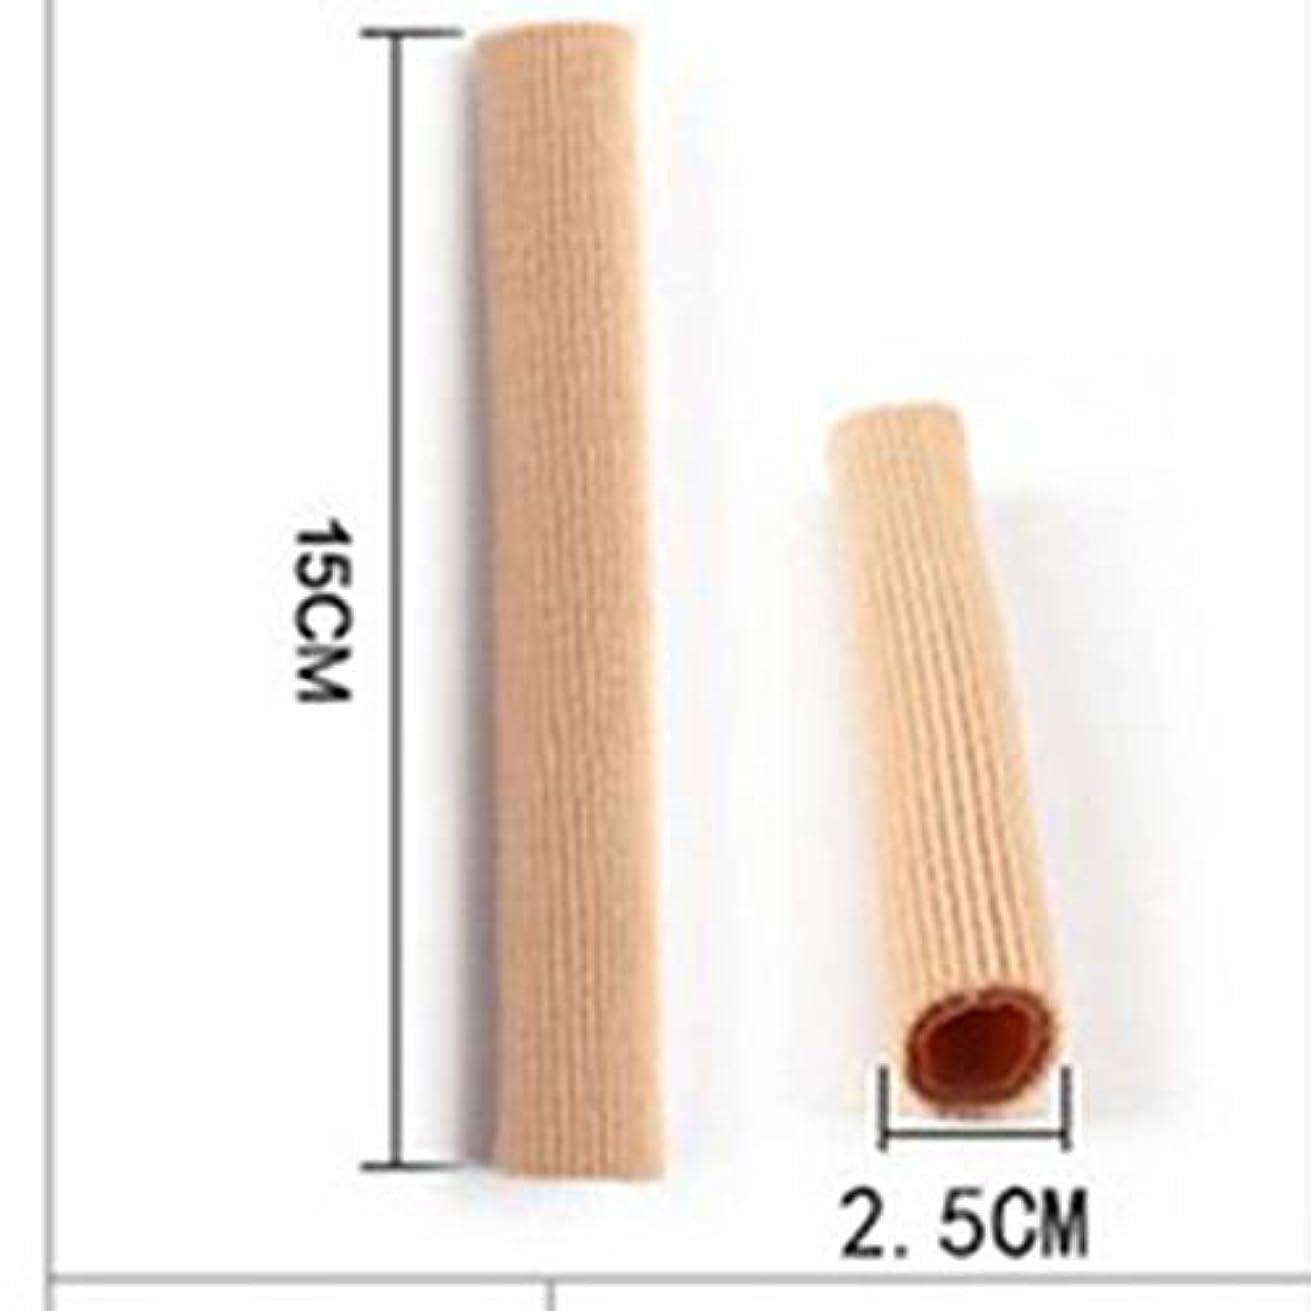 世紀トムオードリース導入するOpen Toe Tubes Gel Lined Fabric Sleeve Protectors To Prevent Corns, Calluses And Blisters While Softening And...